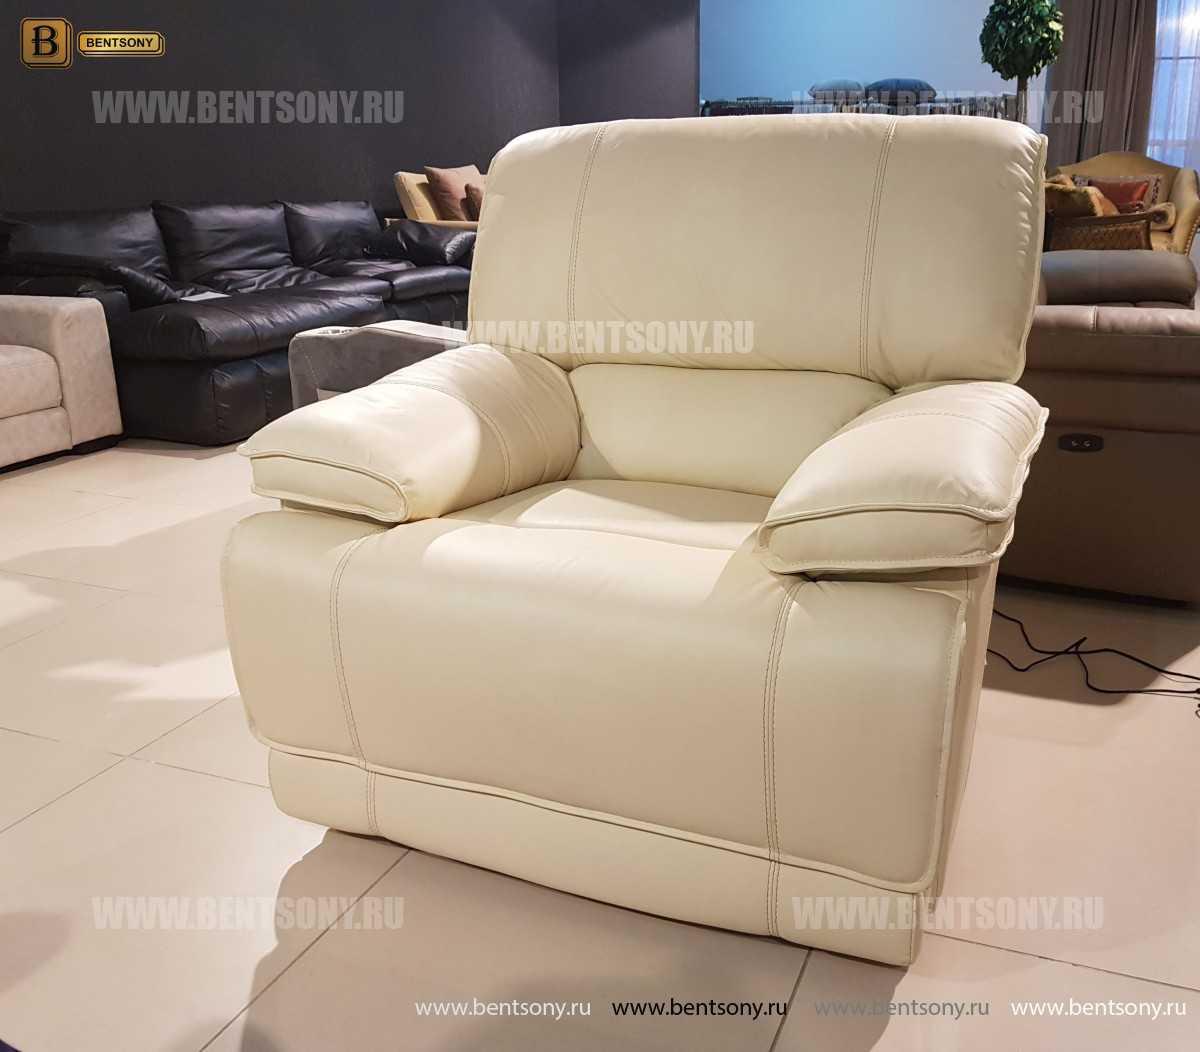 Кресло Капонело для кабинета (Реклайнер, Натуральная кожа) купить